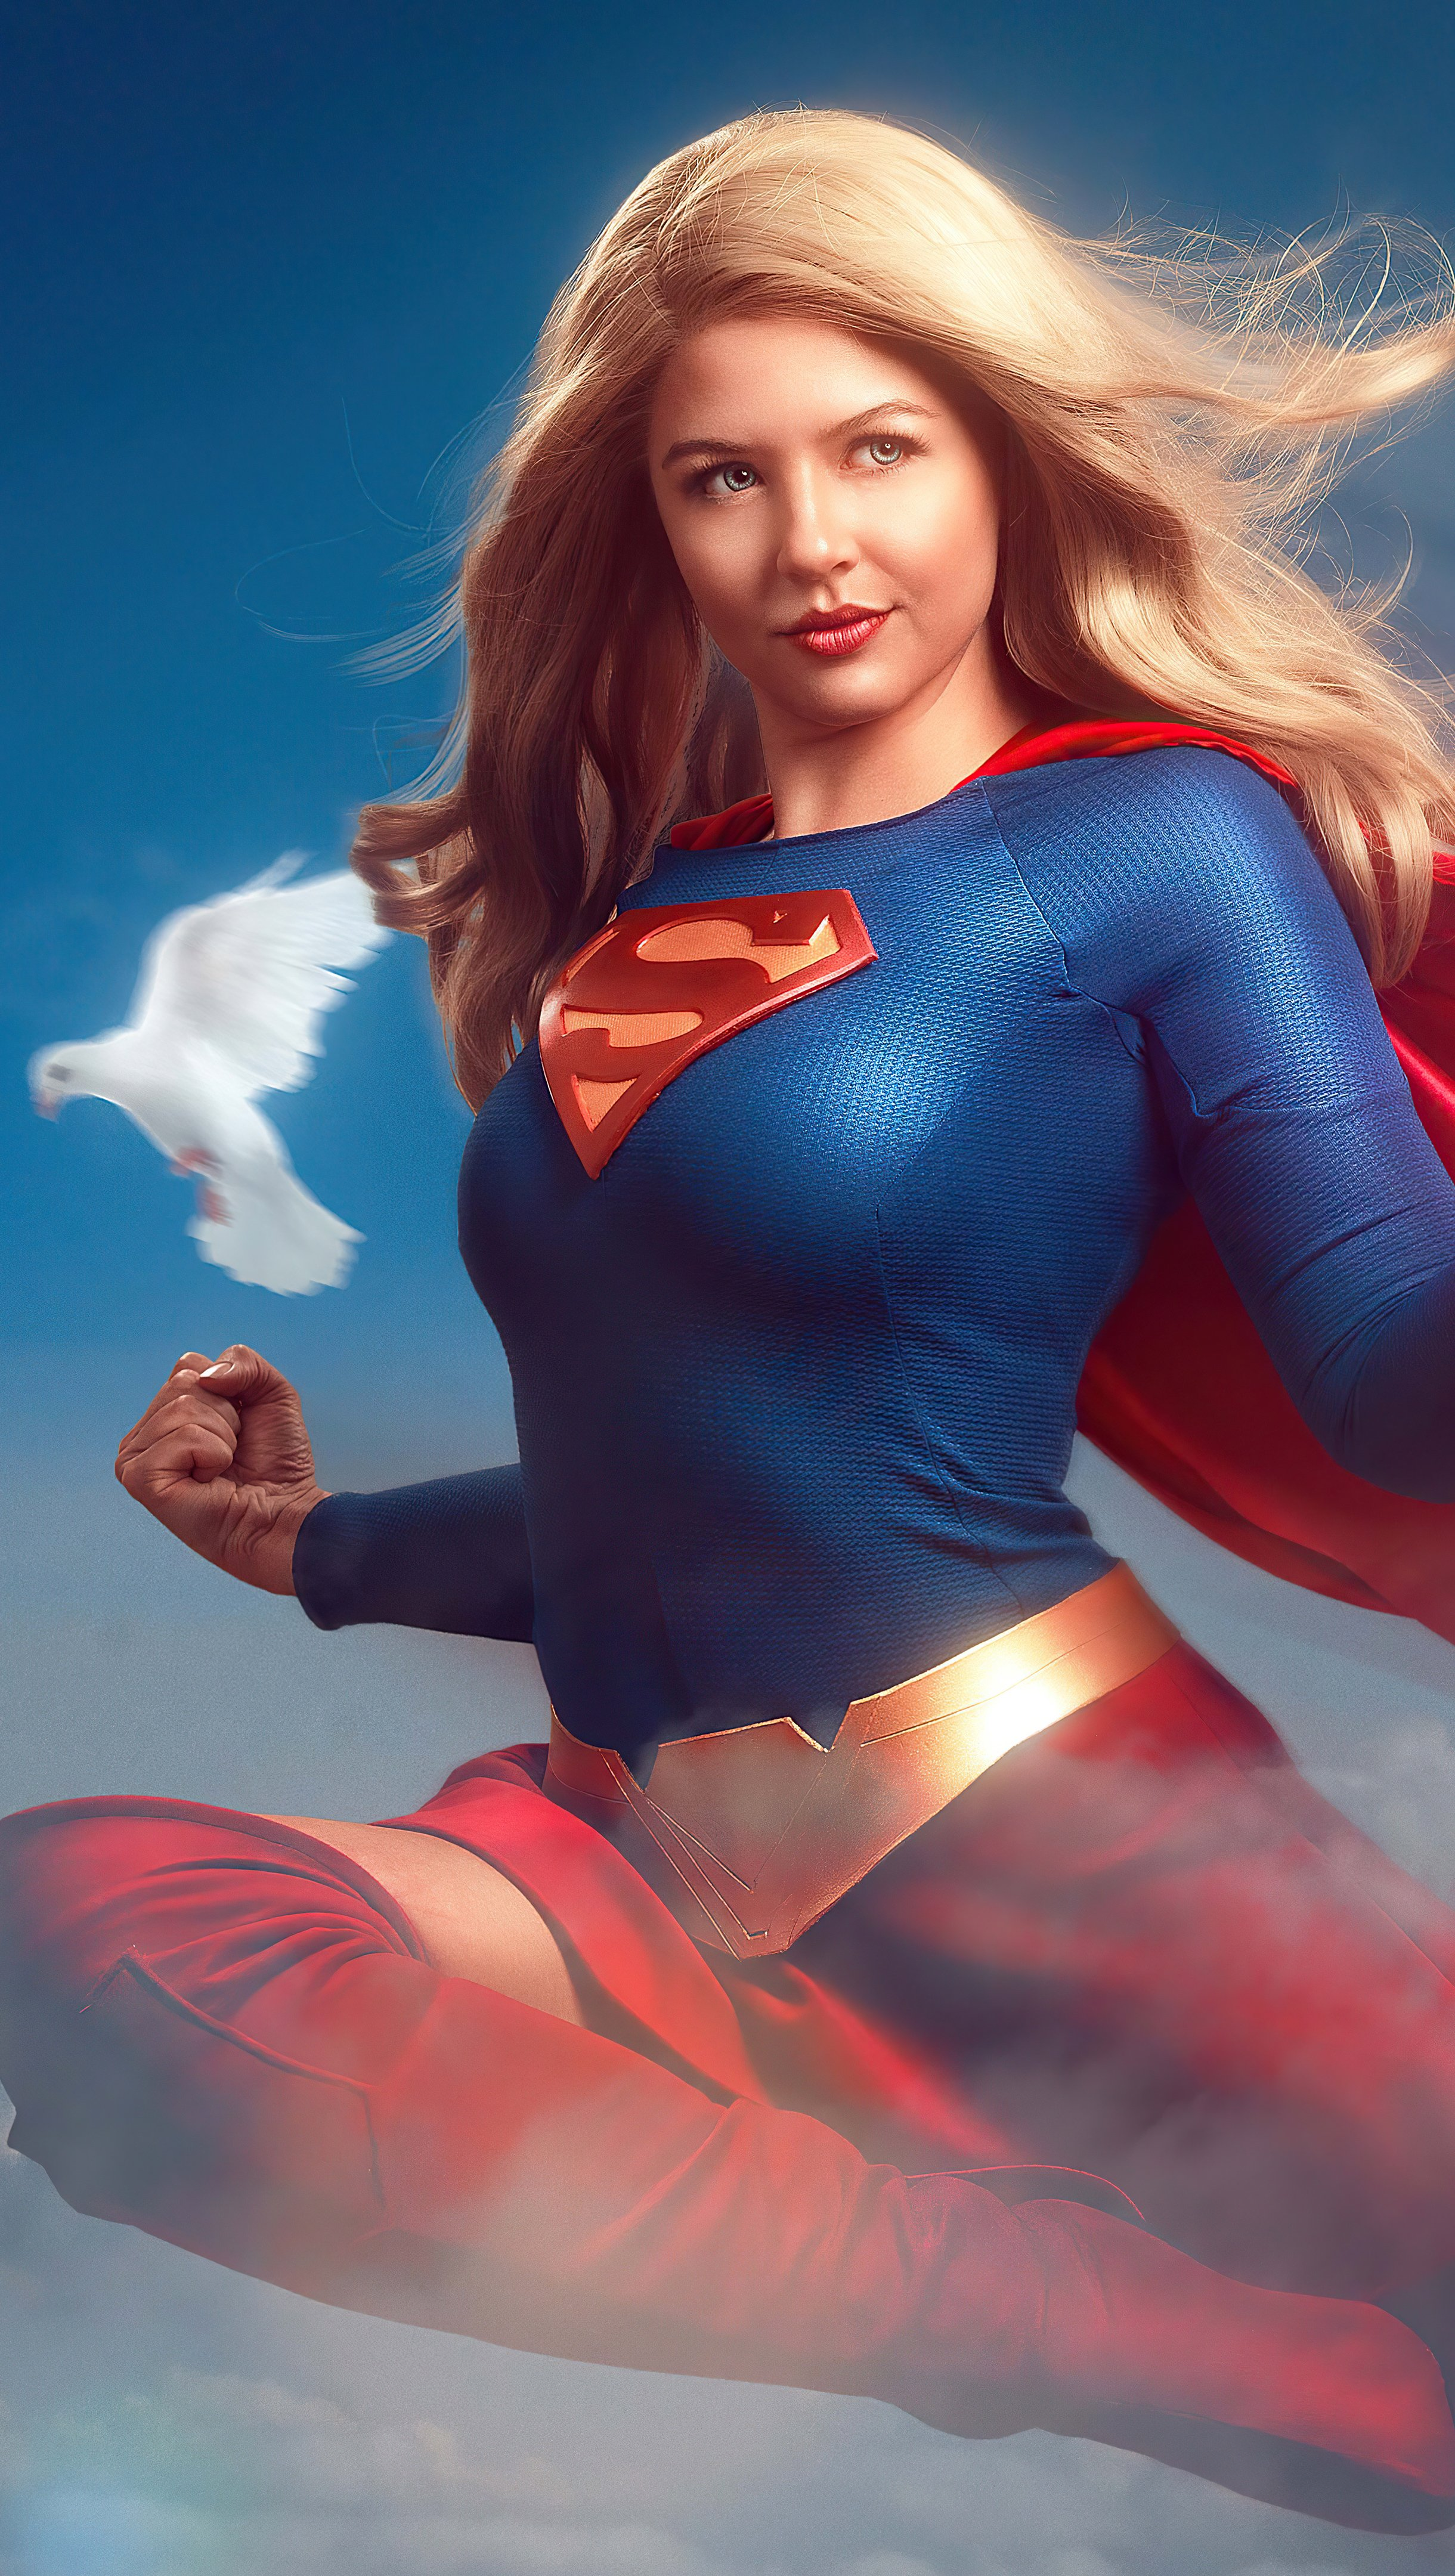 Fondos de pantalla Supergirl y palomas blancas Fanart Vertical